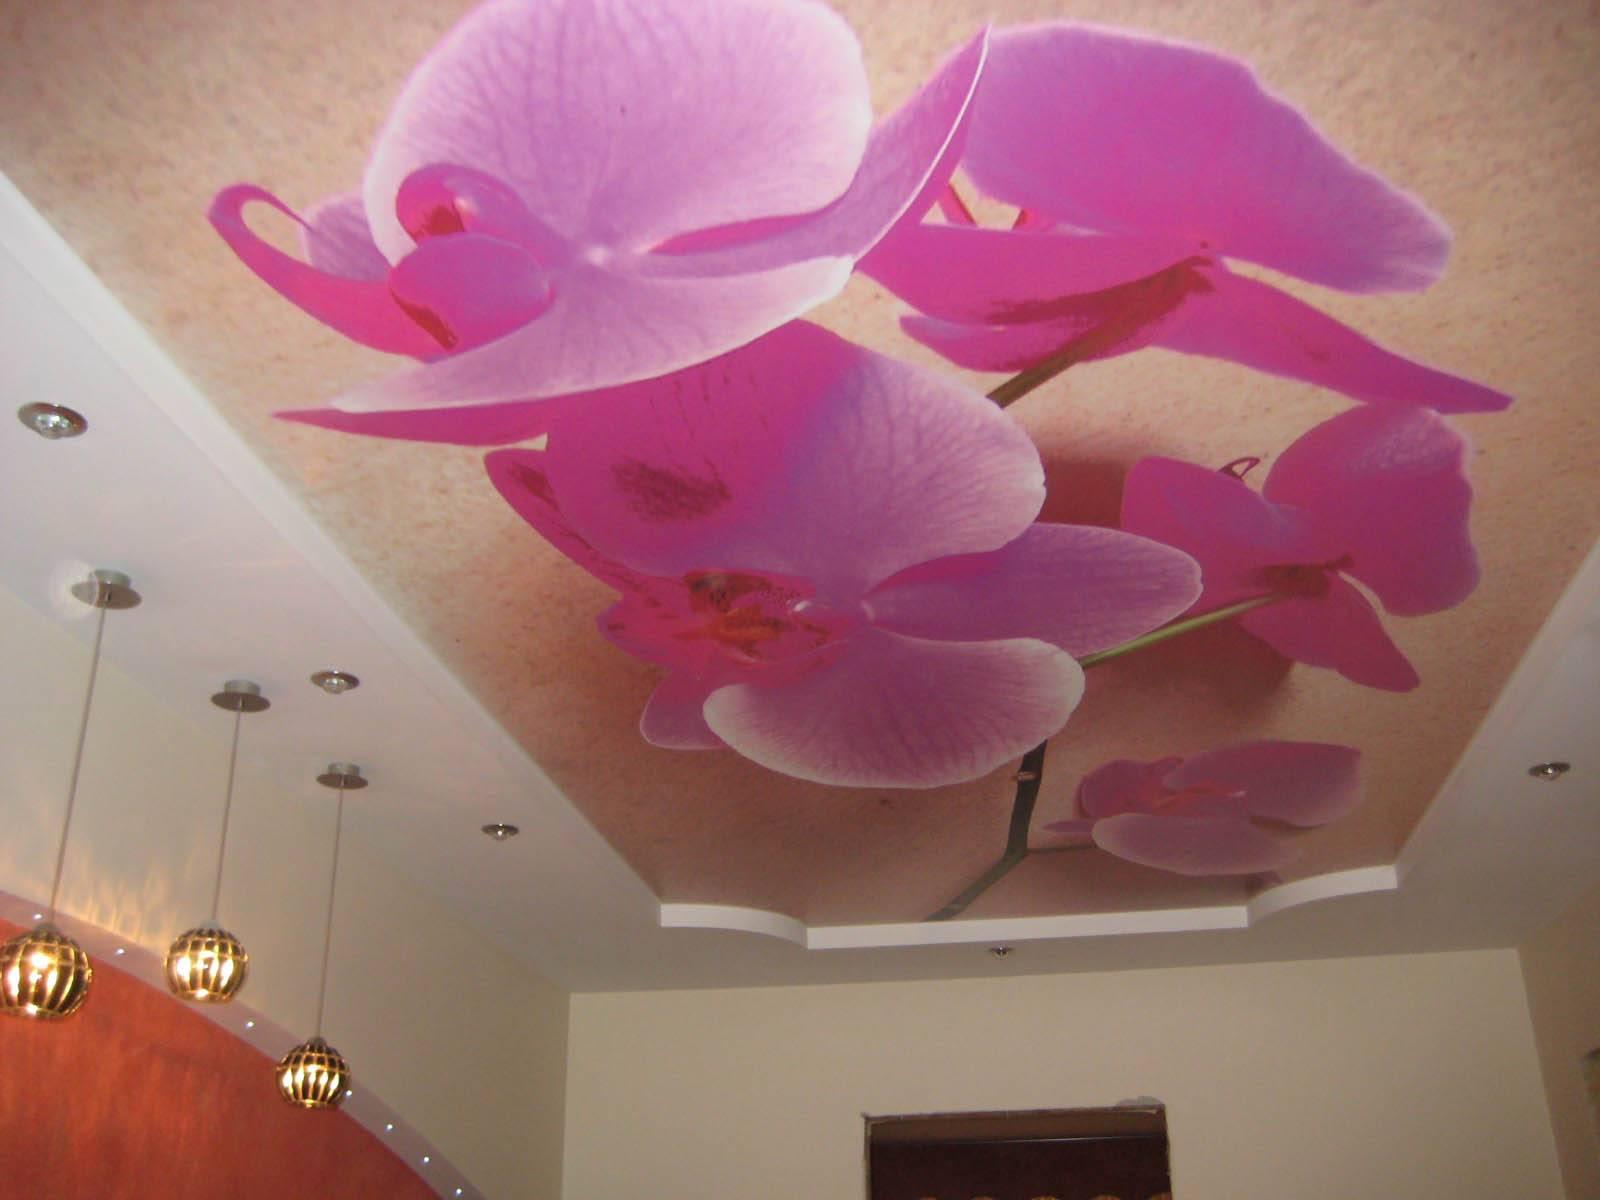 Натяжной потолок в прихожей (80 фото) - красивые идеи дизайна потолка